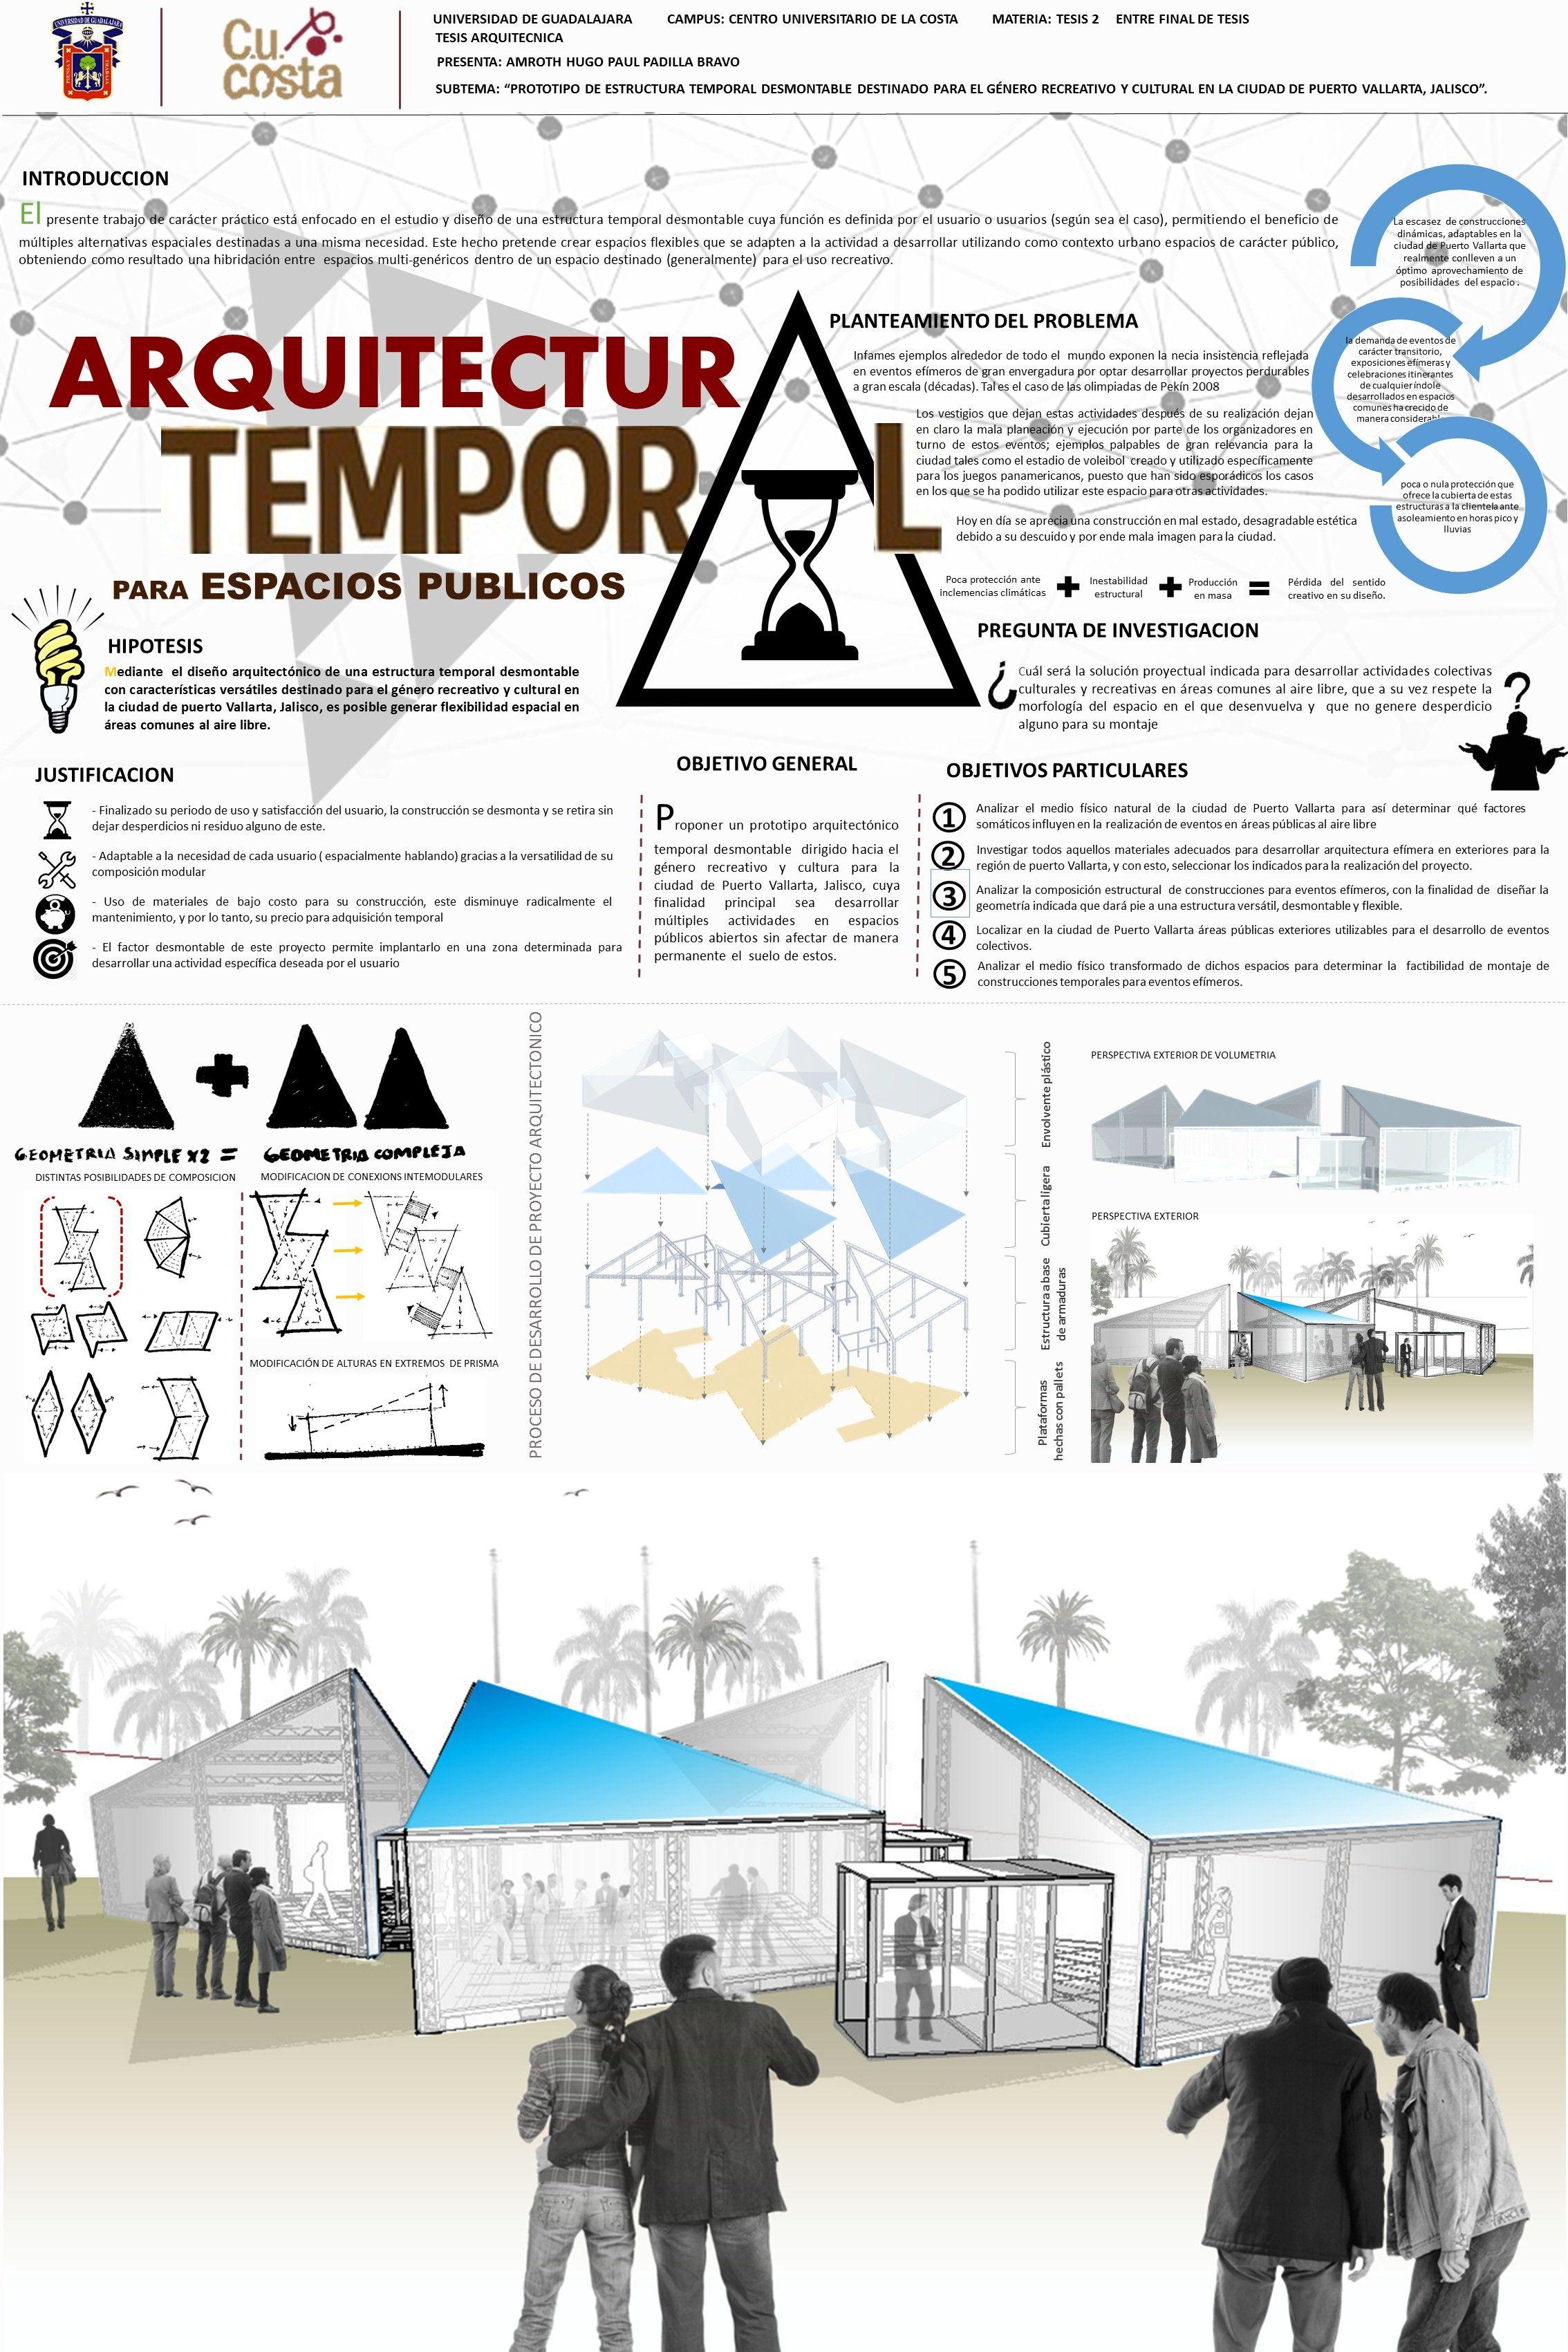 Arquitectura temporal   Cartel cientifico   Tesis   Presentaciones ...